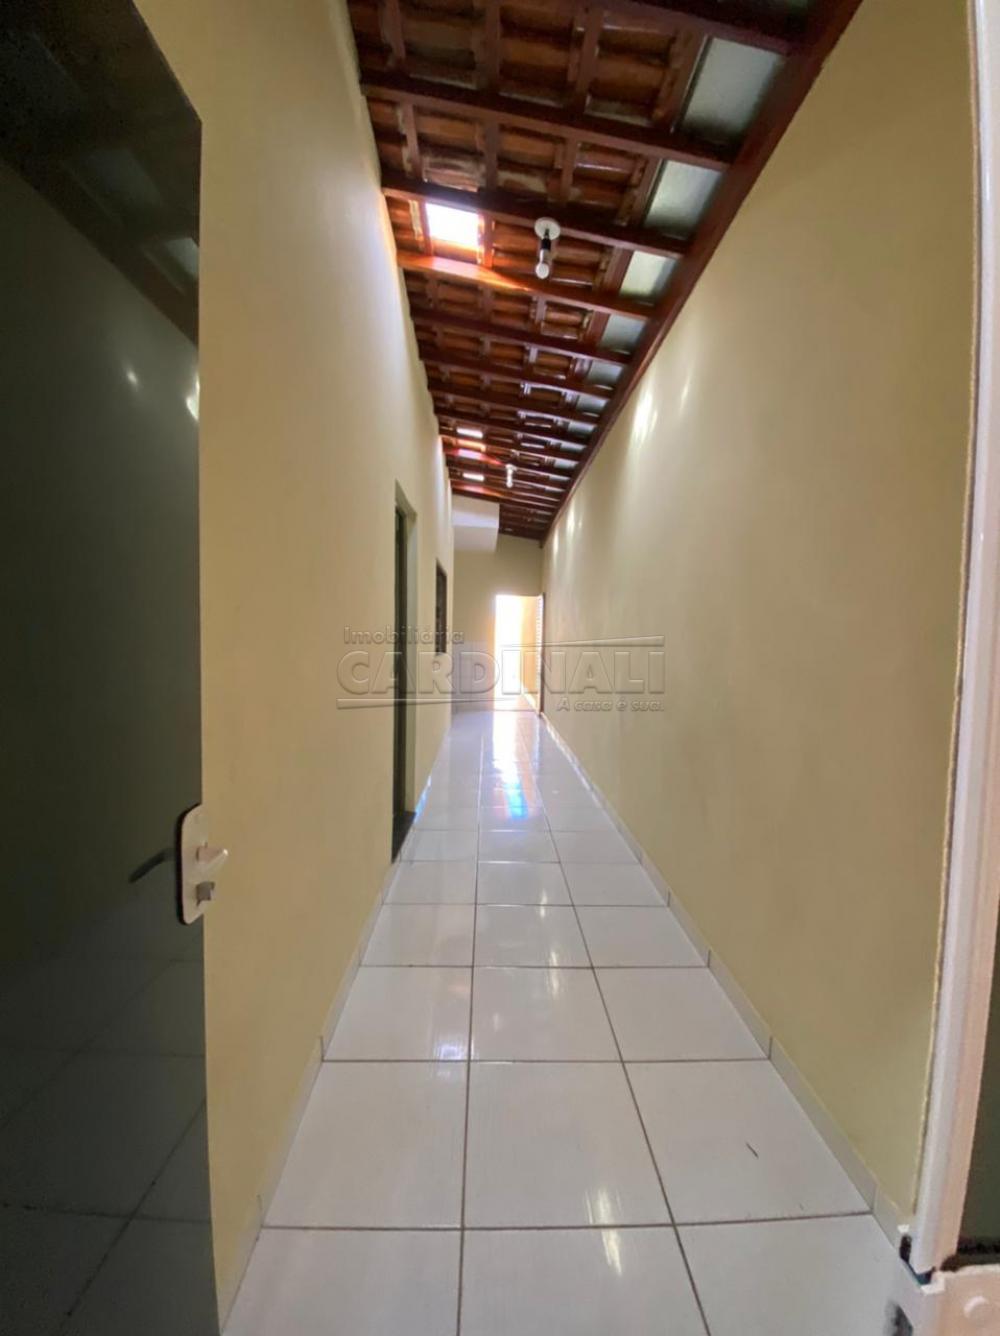 Alugar Casa / Padrão em São Carlos R$ 1.112,00 - Foto 3